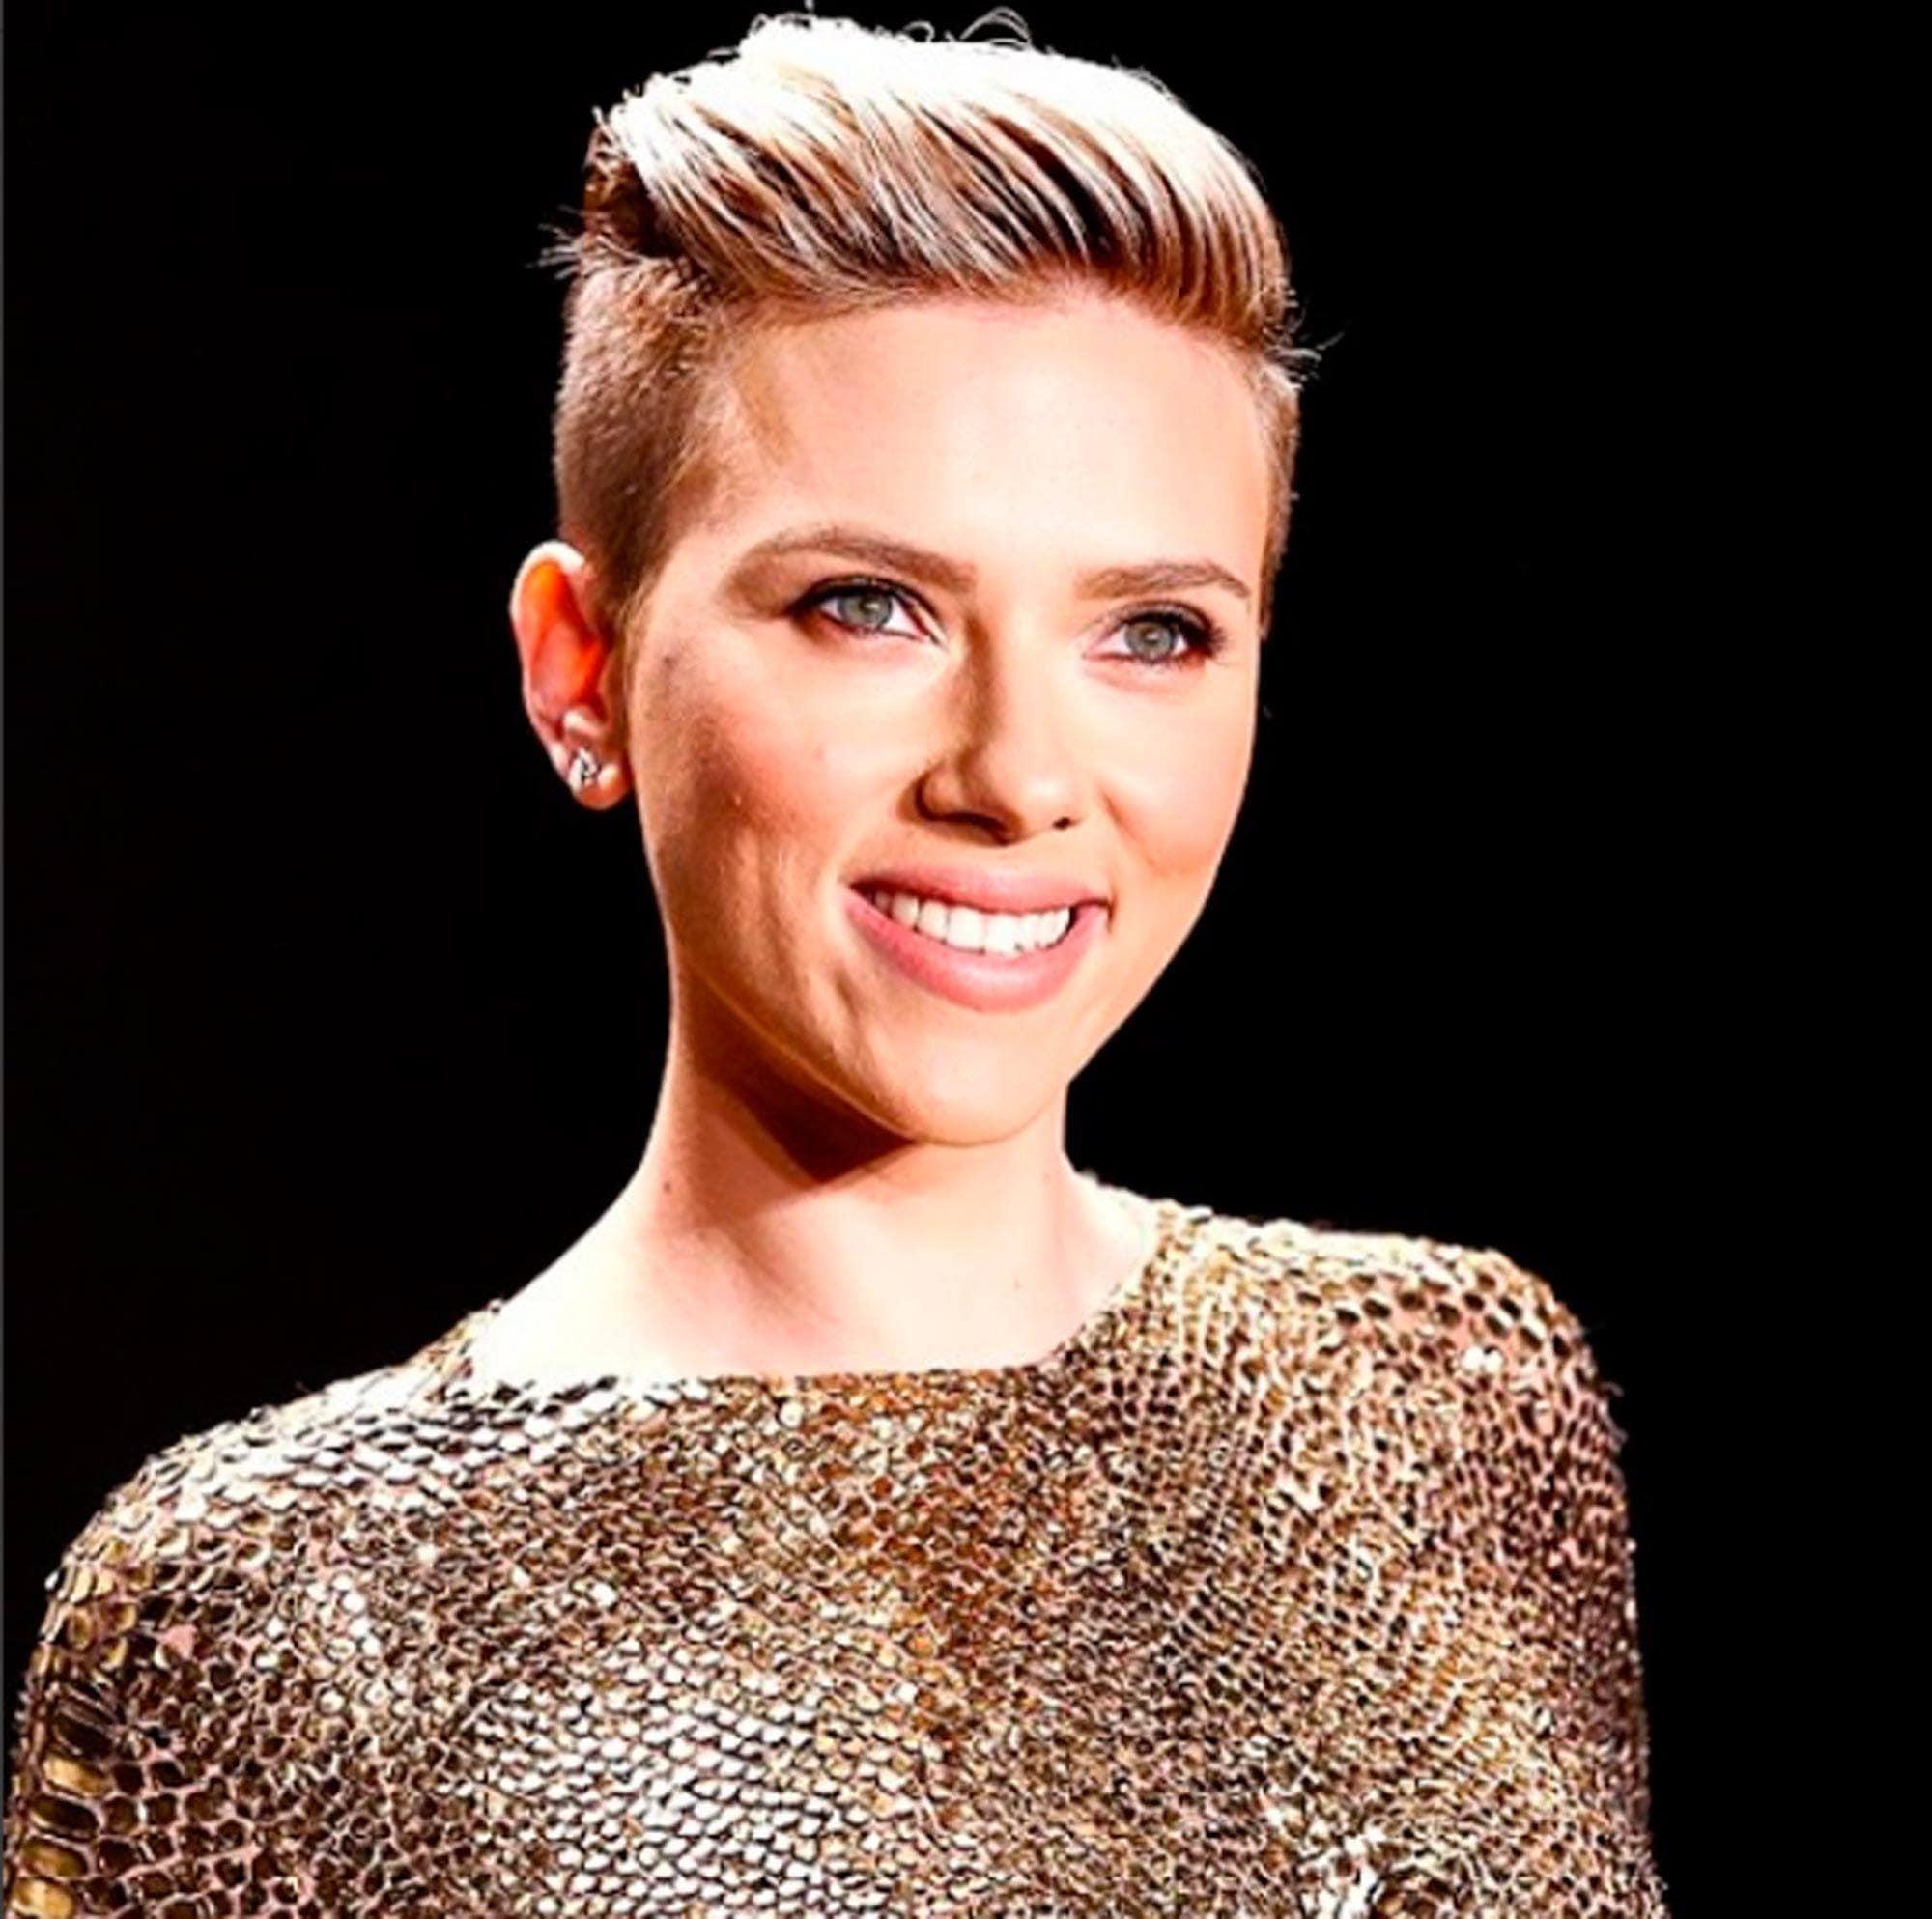 Scarlett Johansson com cabelos curtos e topete loiro